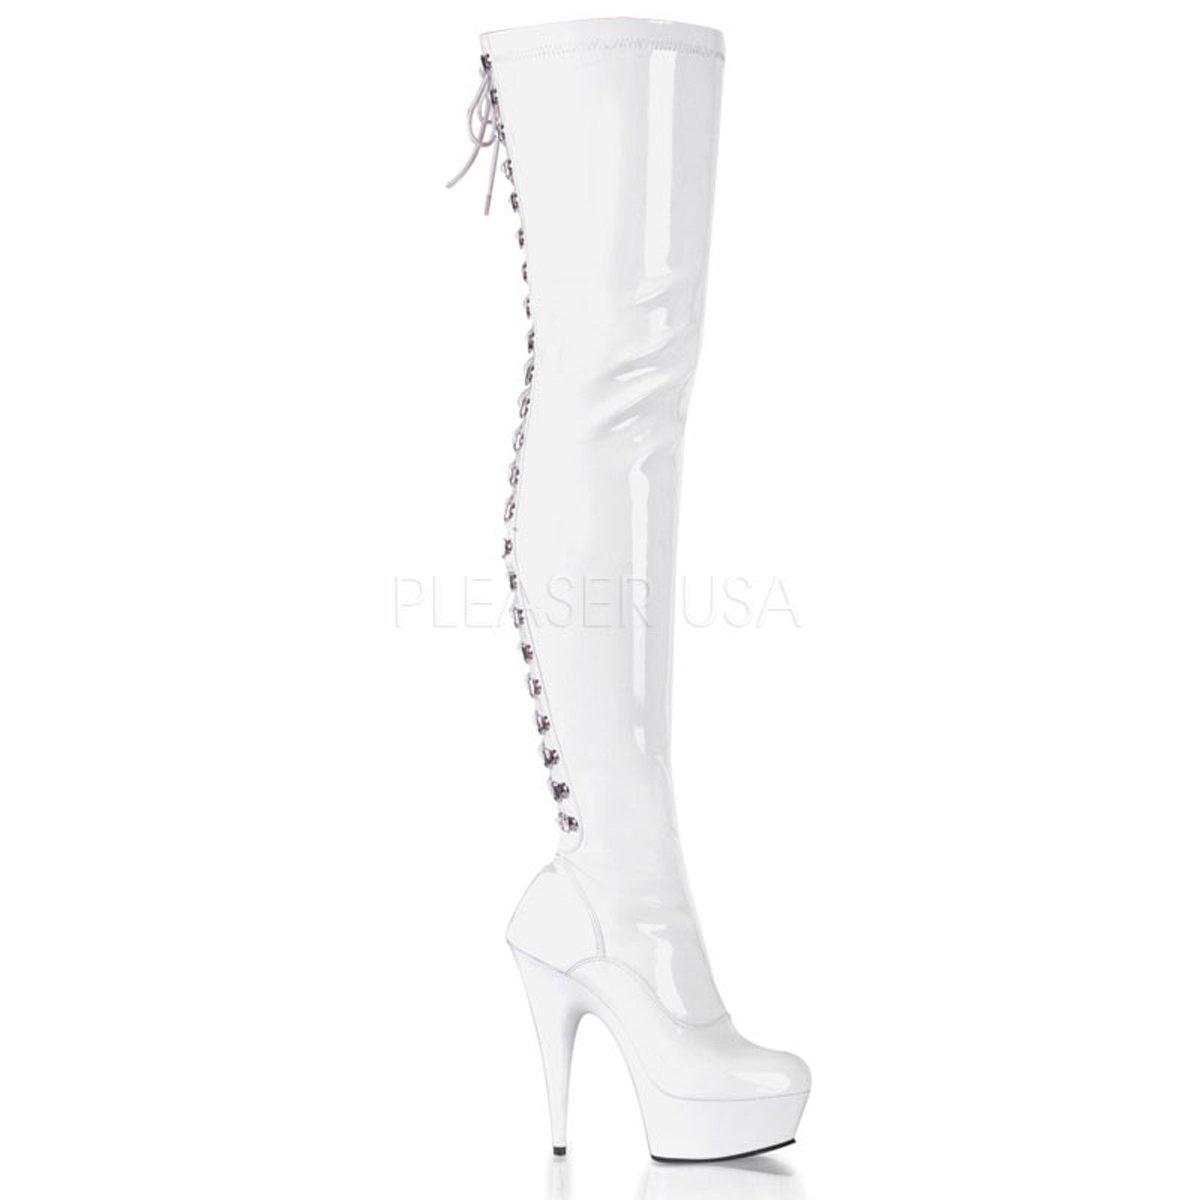 DELIGHT-2023 Sexy bílé lakované kozačky pod kolena na jehlách ... 582c259206